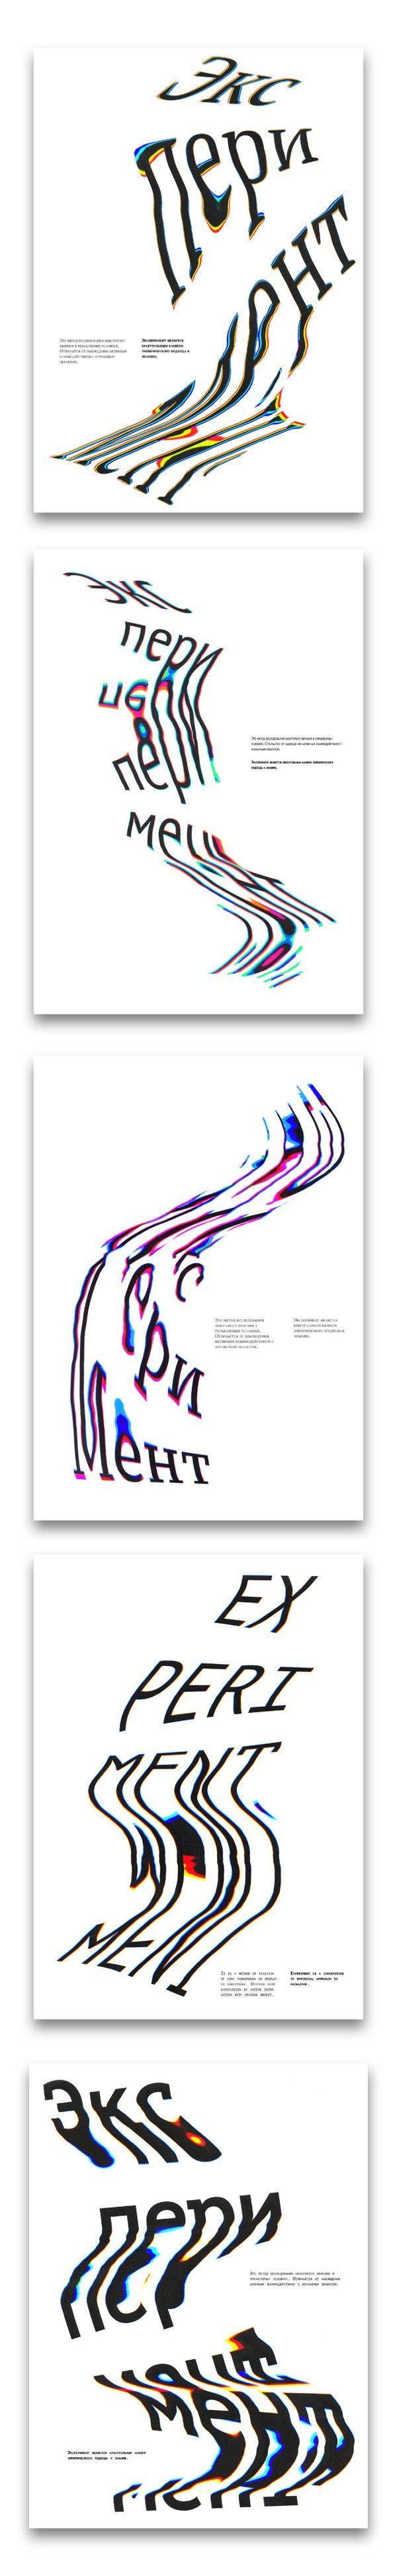 Eperiment - Evgeny Tkhorehevsky (Russie) gltich typography